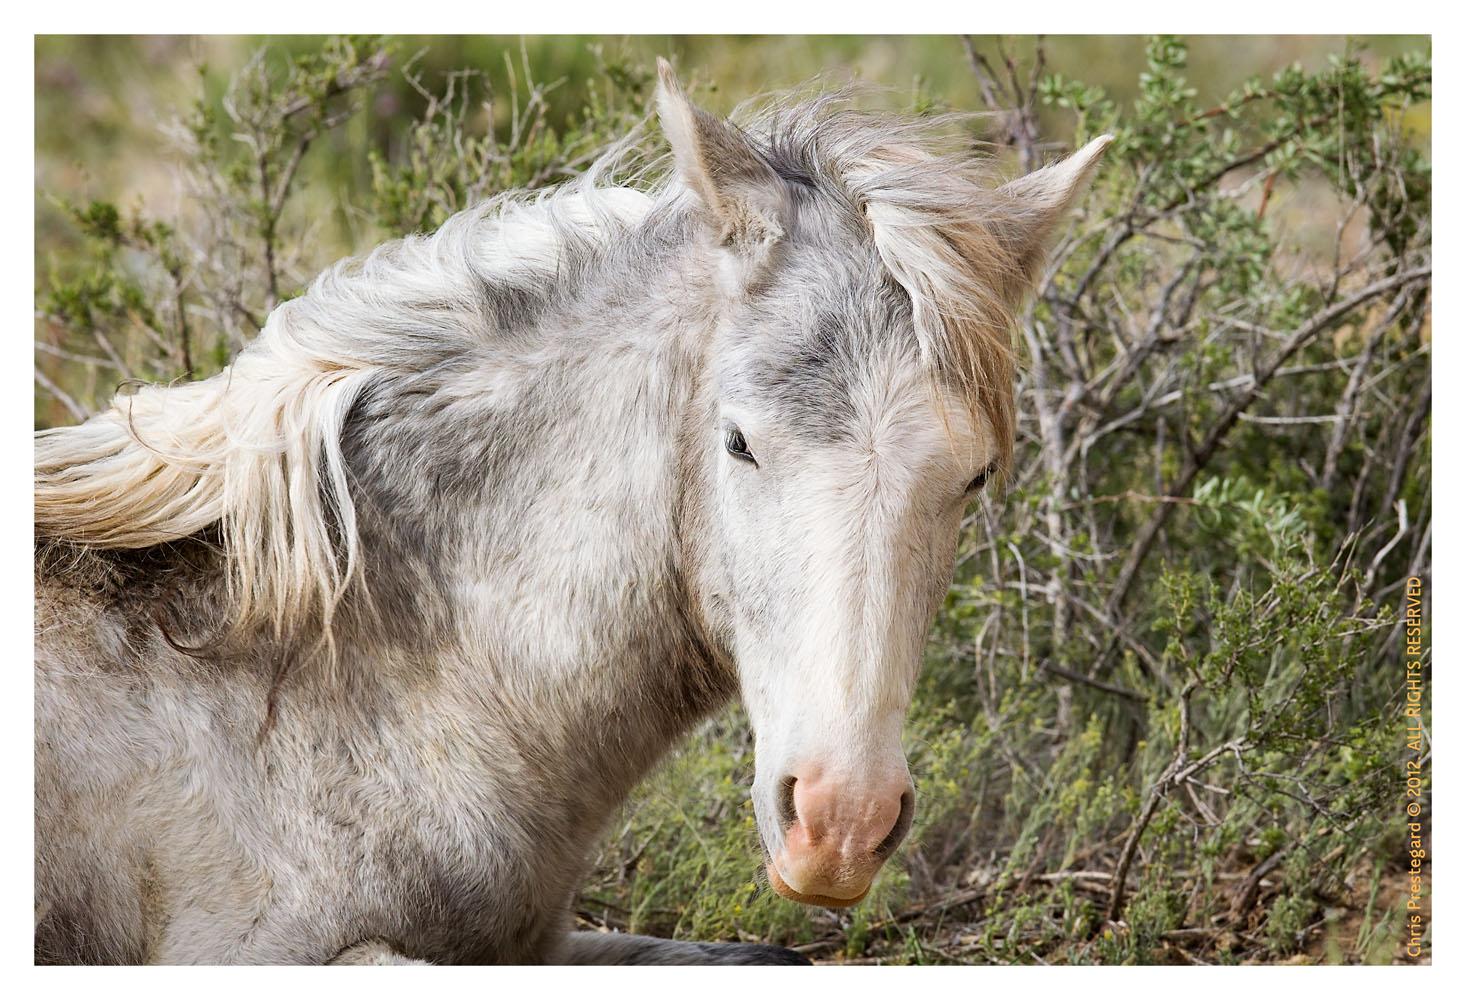 Horse1034_Jan30-2012